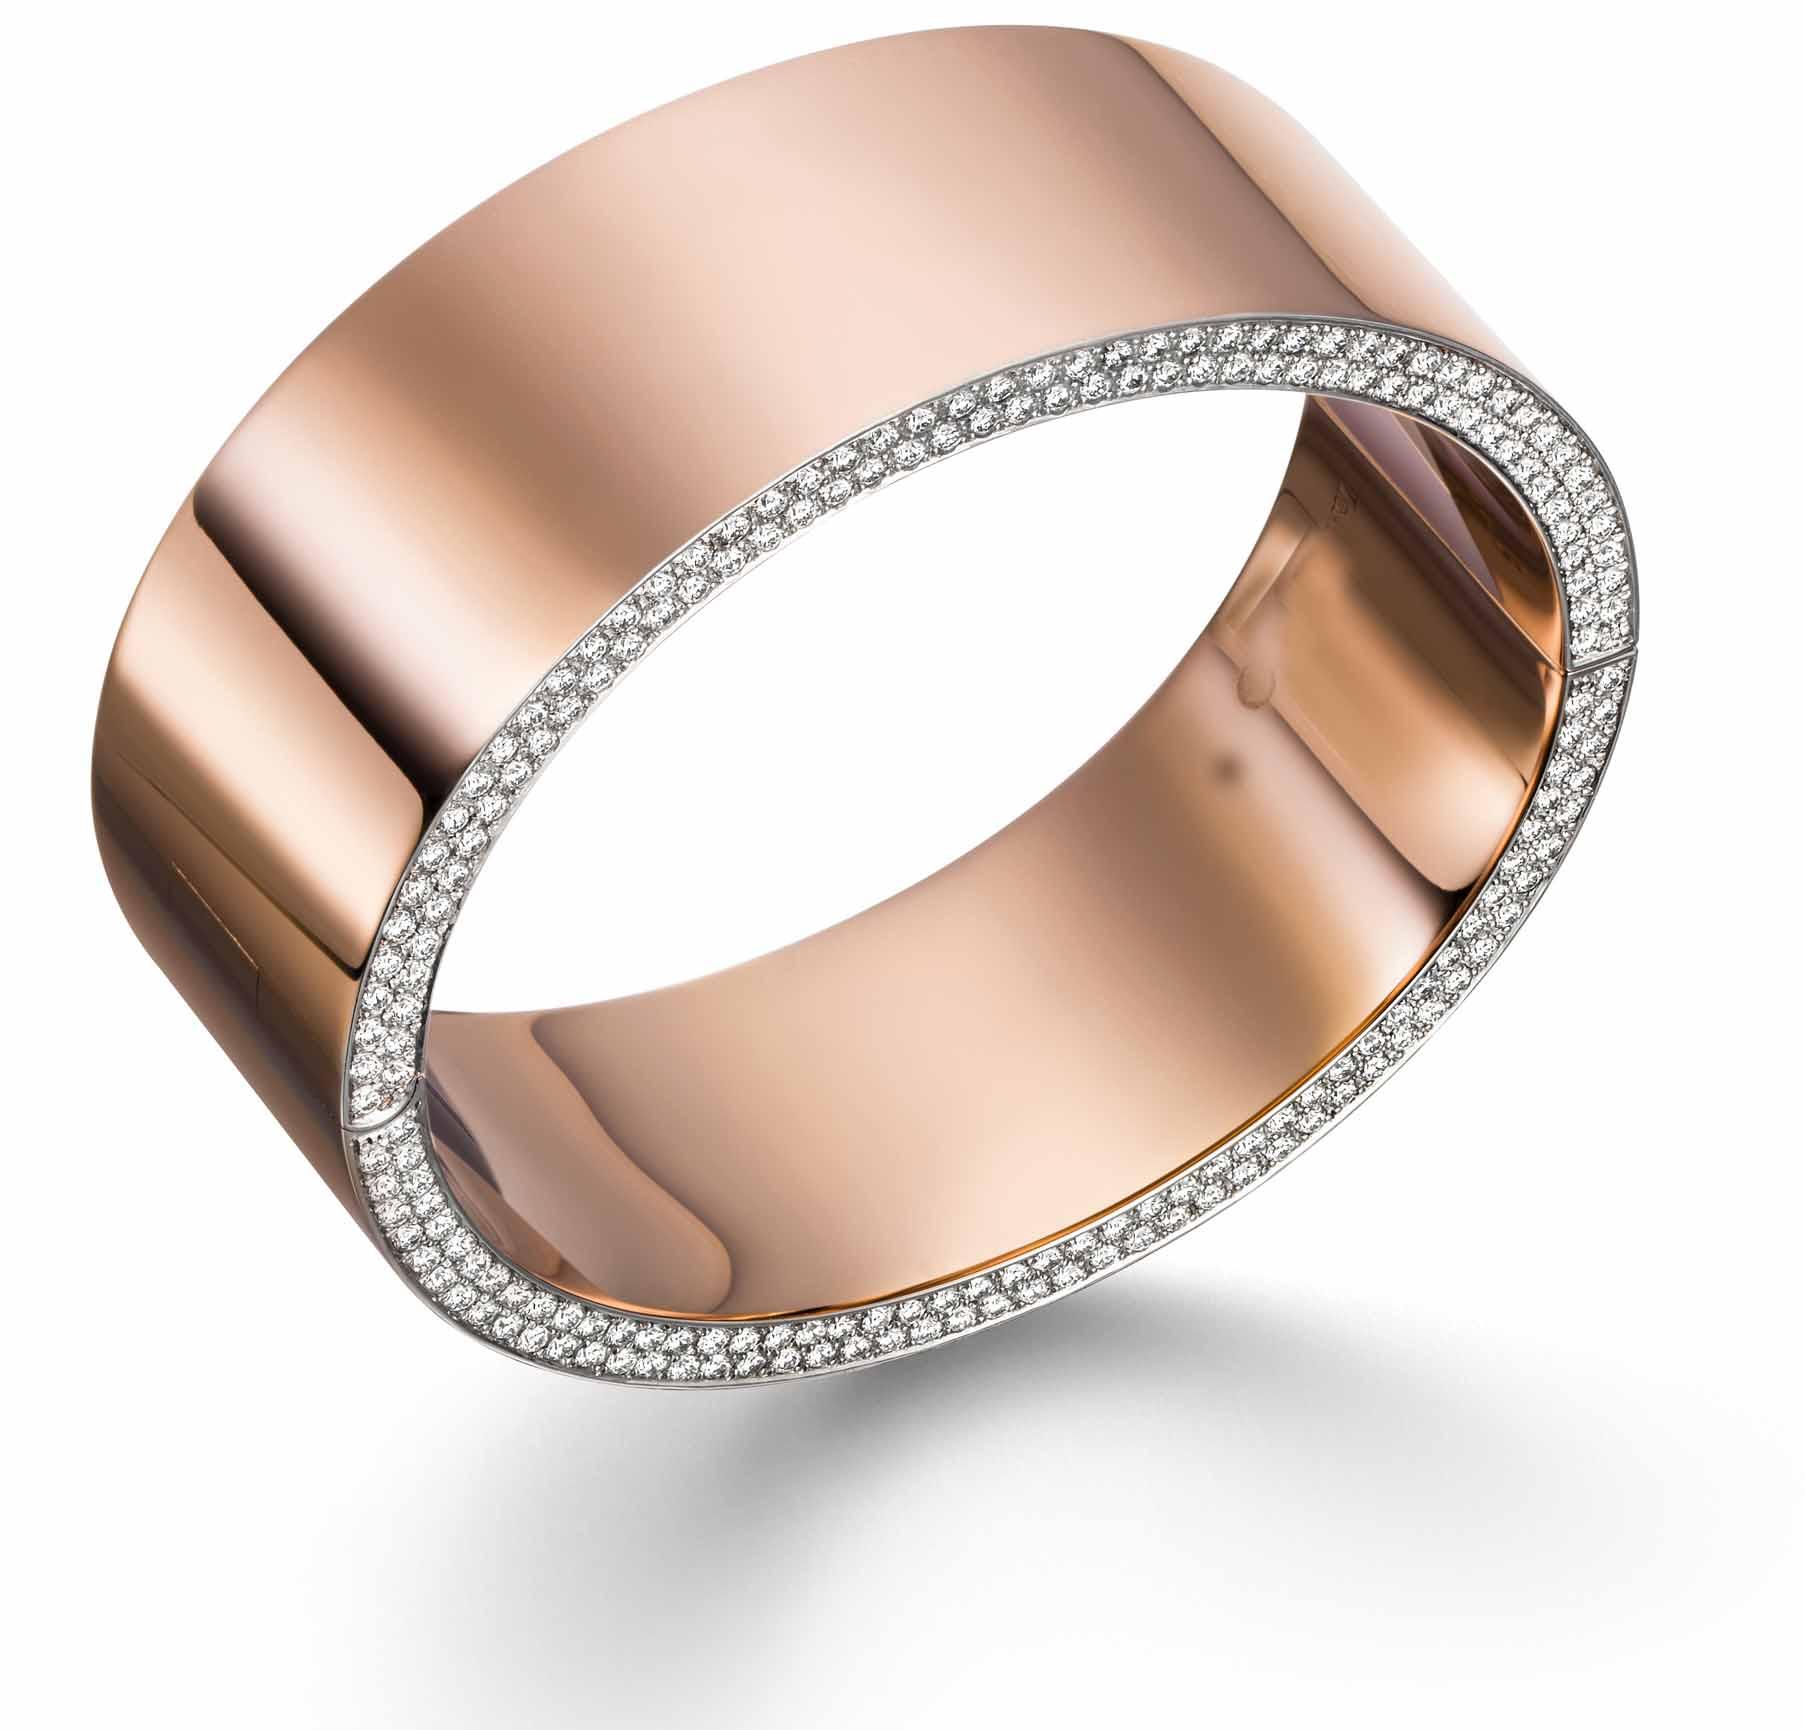 Custom Women's 18k Gold Bracelets design fine jewelry wholesaler suppliers